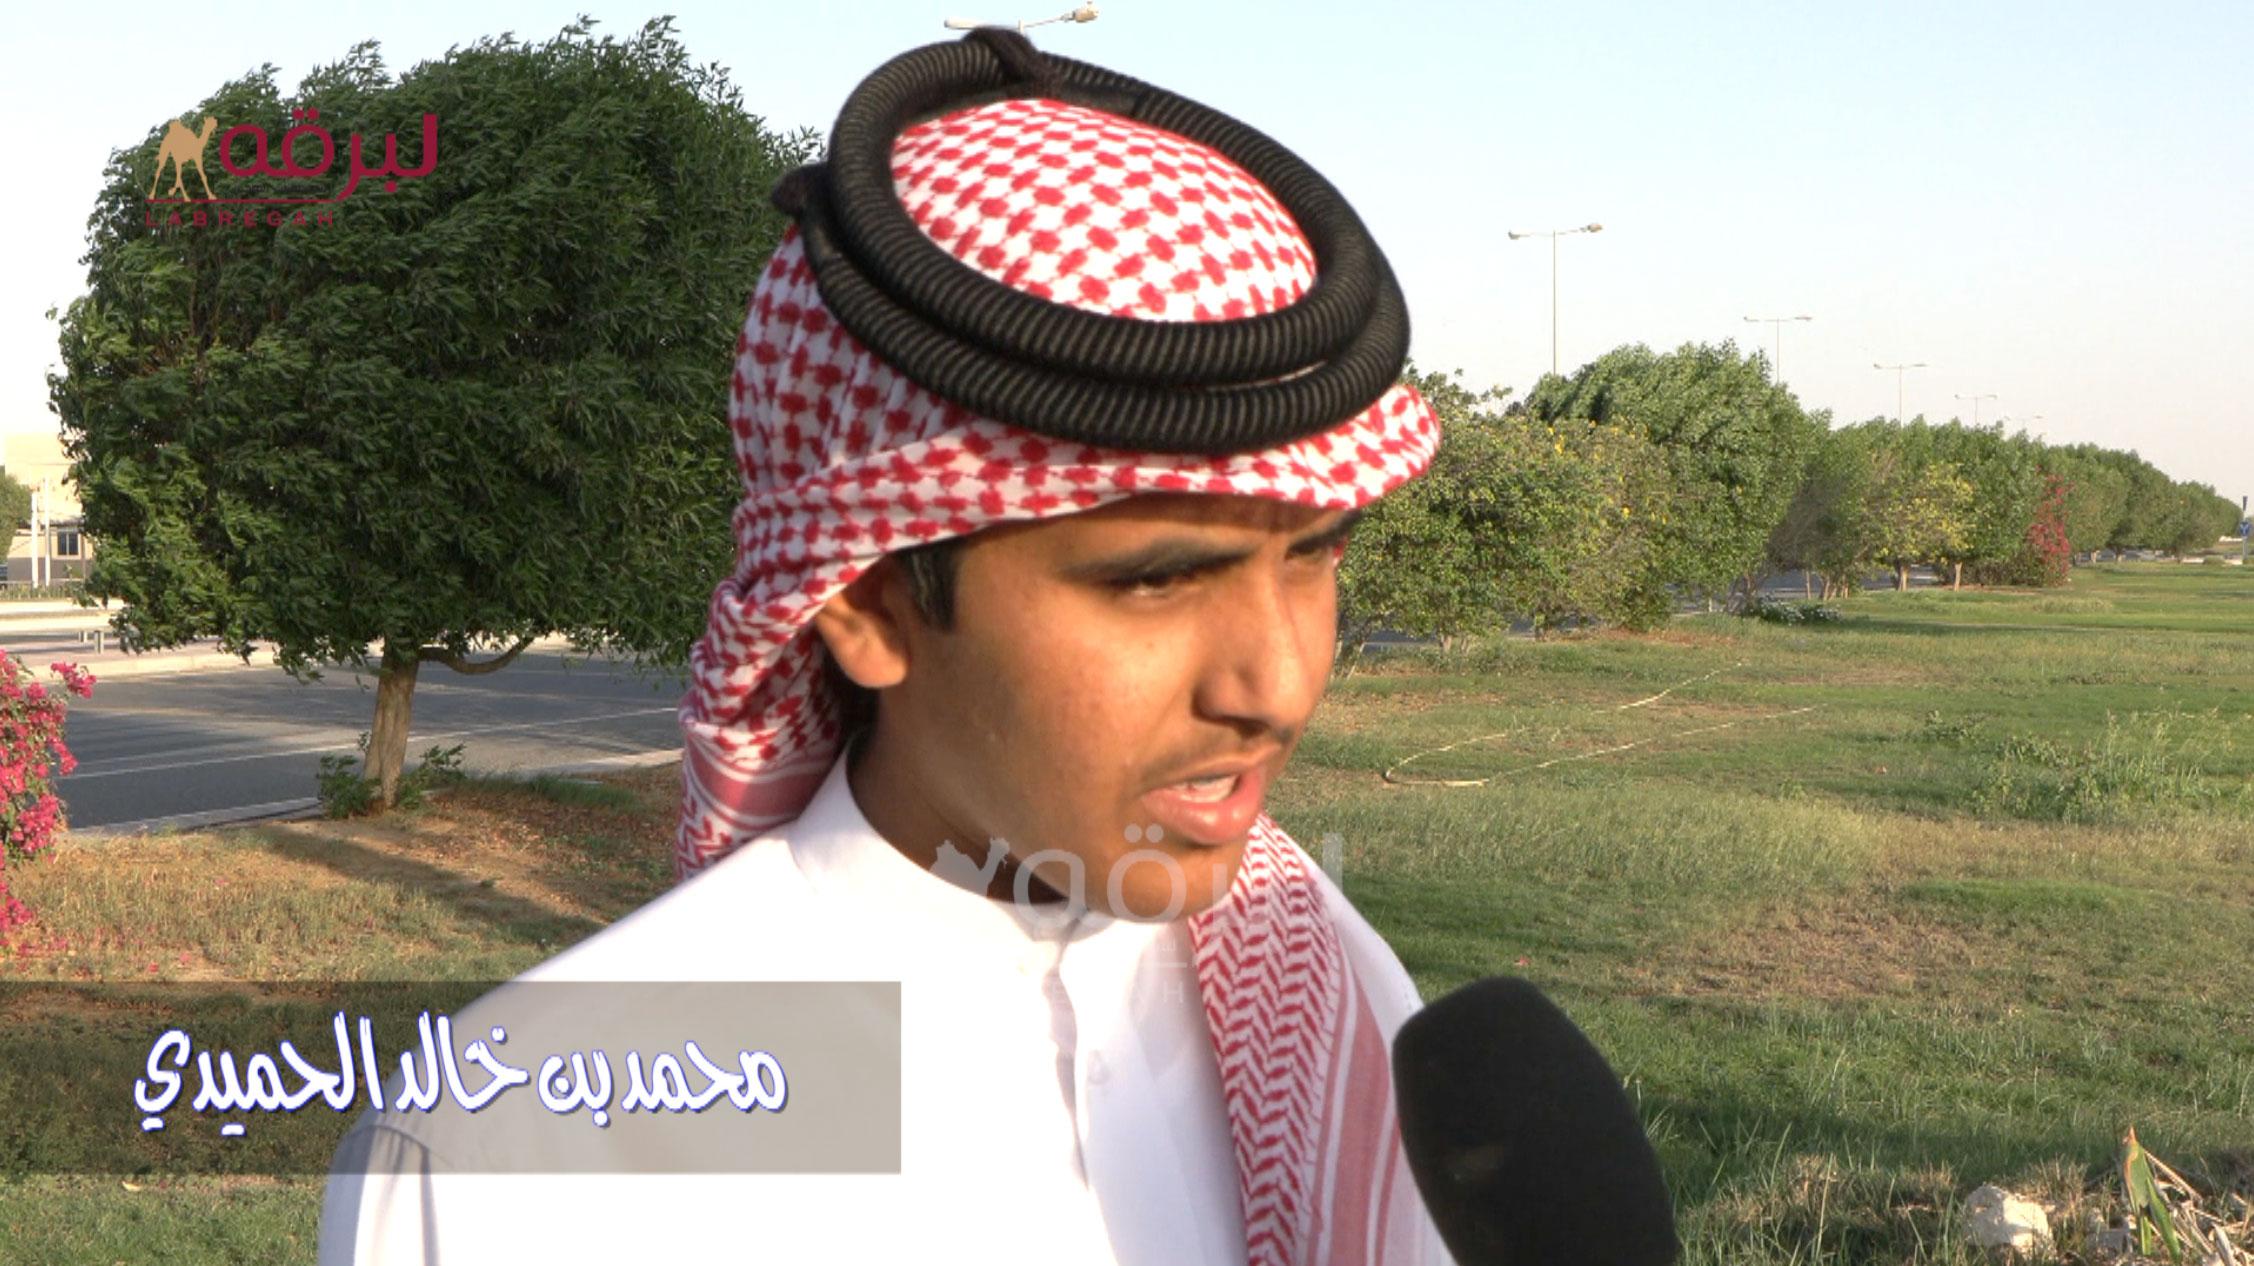 لقاء مع محمد بن خالد الحميدي.. الشوط الرئيسي للحقايق قعدان (إنتاج) الأشواط العامة  ٢١-١٠-٢٠٢١